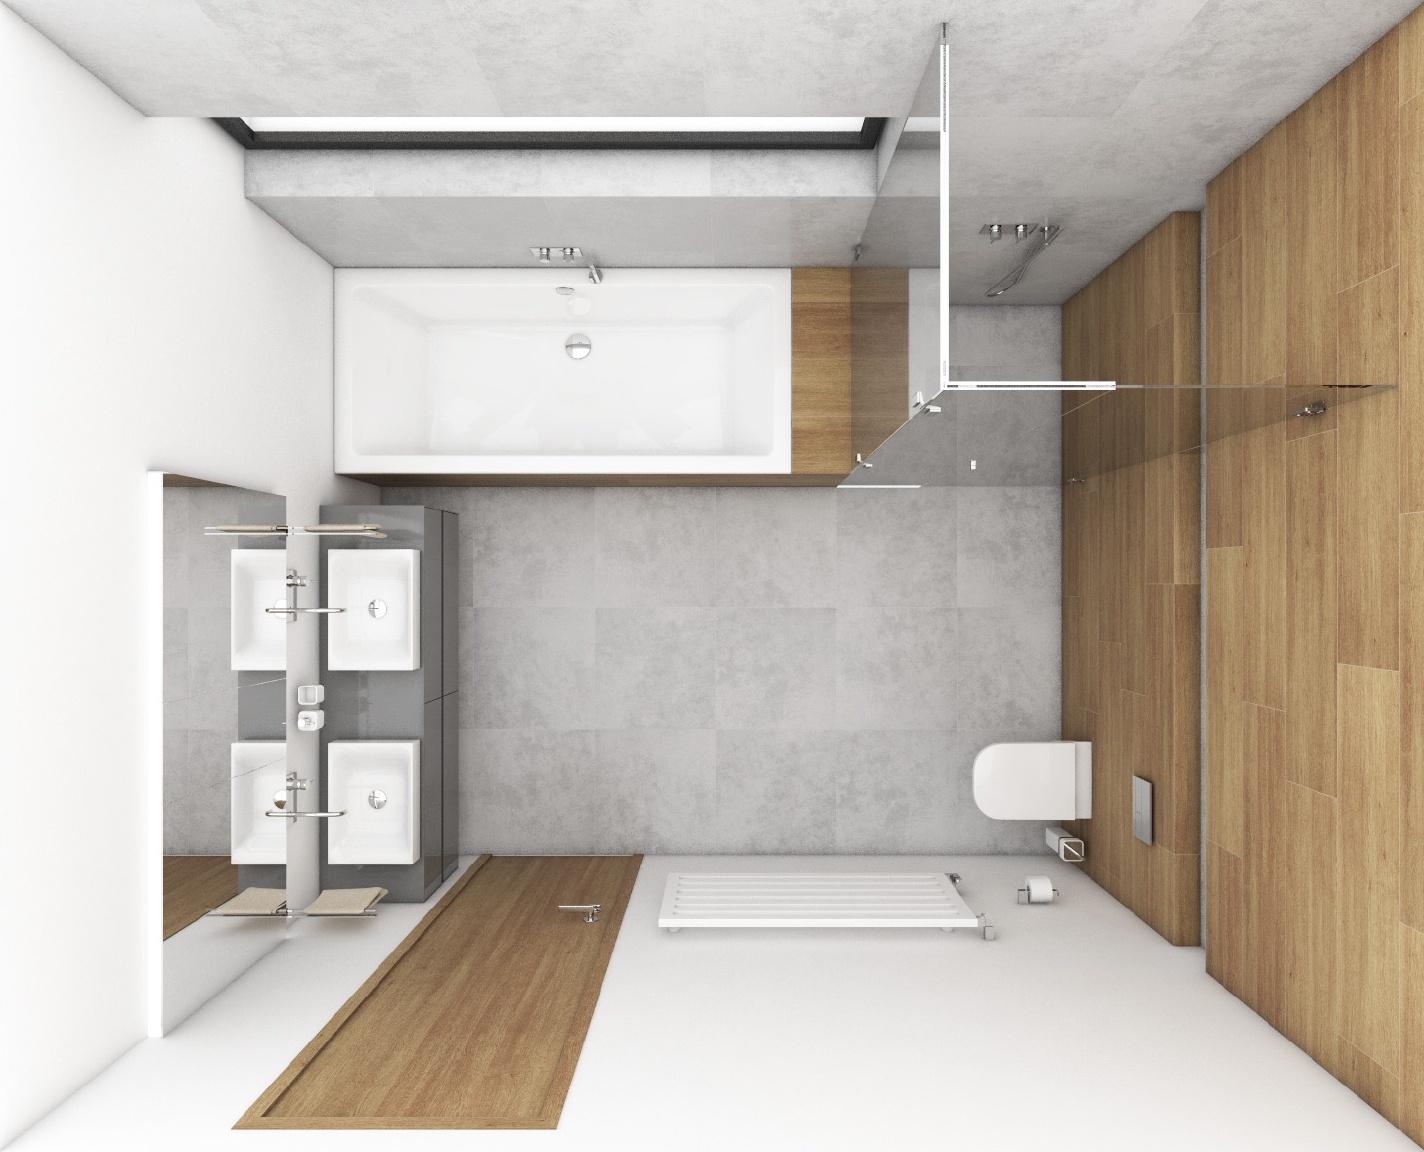 modernes badezimmer gris perfecto design. Black Bedroom Furniture Sets. Home Design Ideas